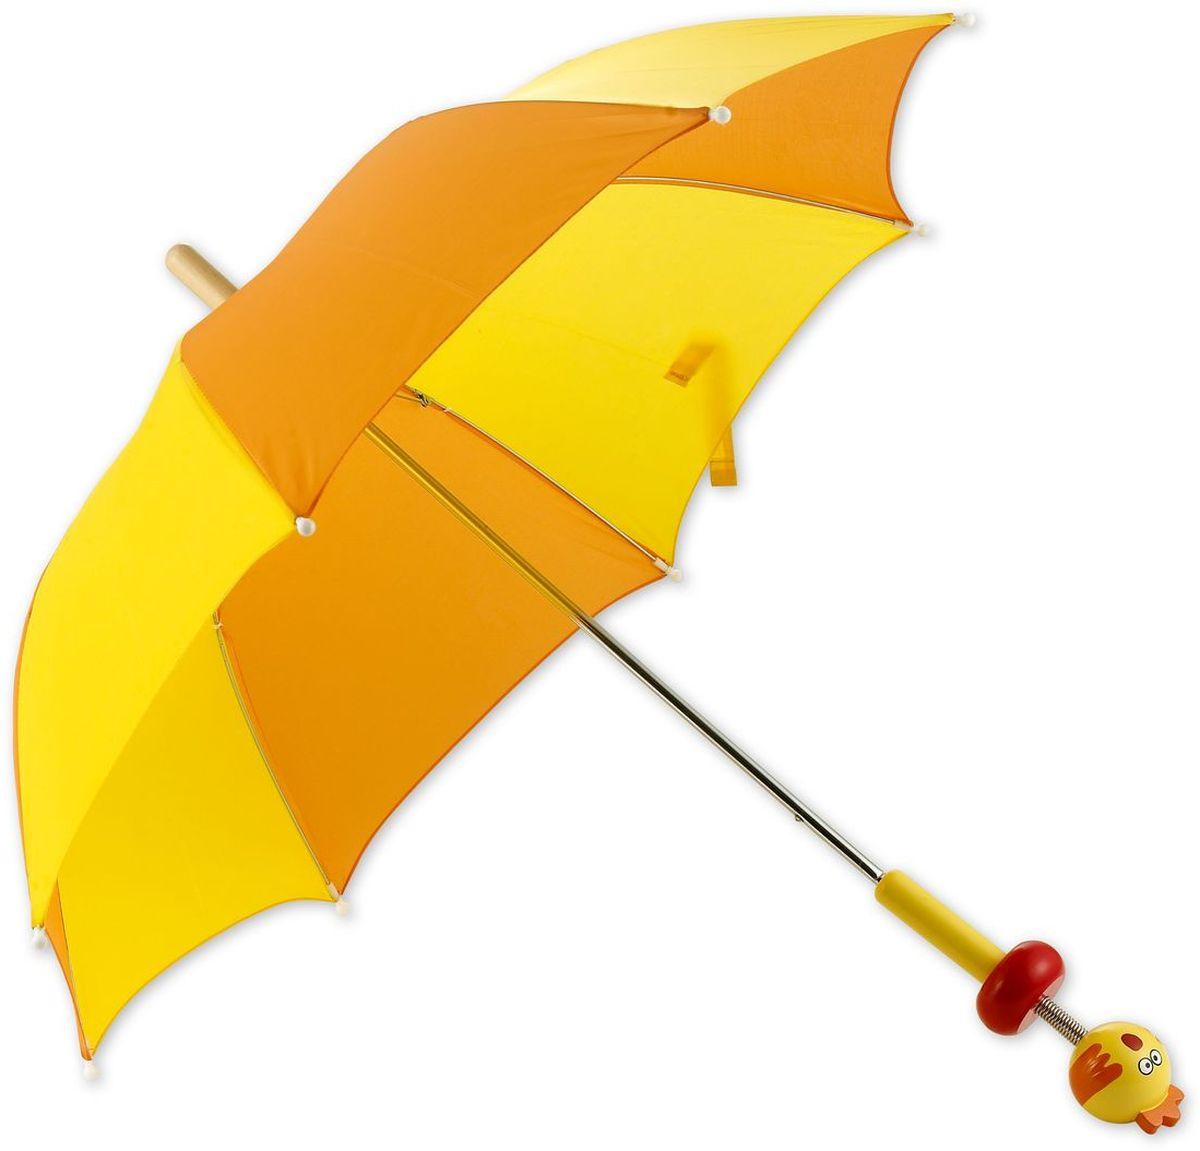 Classic World Зонт с ручкой Цыпленок2370Современный зонтик с жесткими спицами, которые препятствуют его деформации под действием ветра. Защищает от солнечных лучей и осадков. Благодаря оригинальному и яркому дизайну ваш малыш всегда будет выглядеть стильно. Удобная рукоятка выполнена в виде цыпленка. Размеры зонтика идеально подходят для детей от 2 лет.